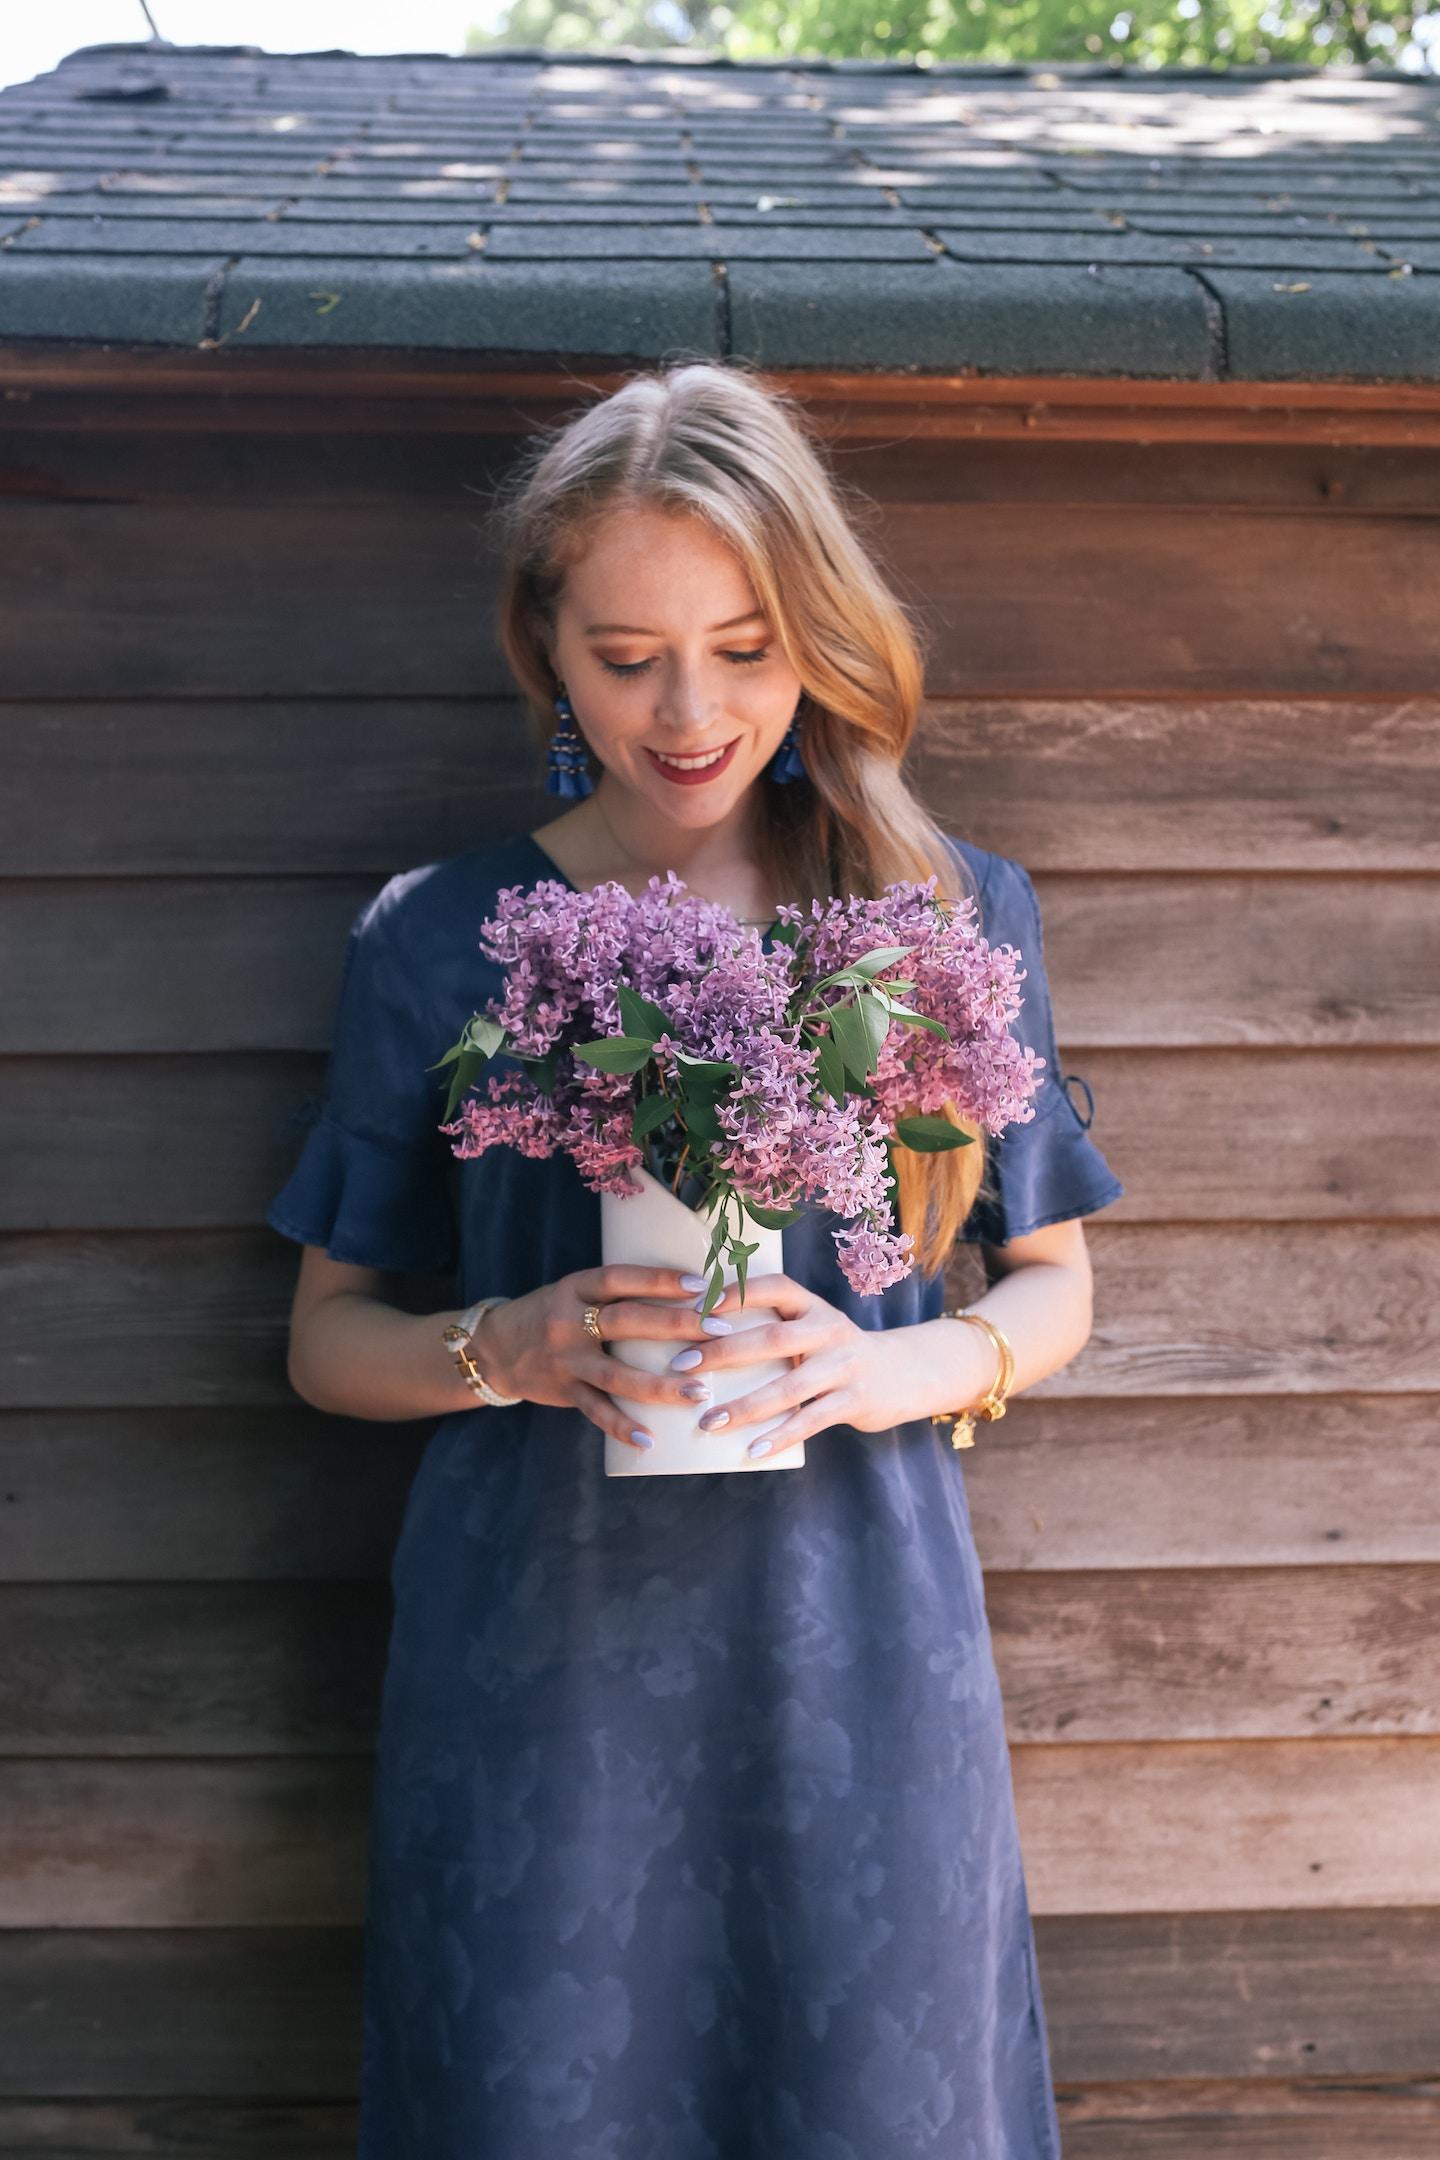 Lilacs and Denim Dresses